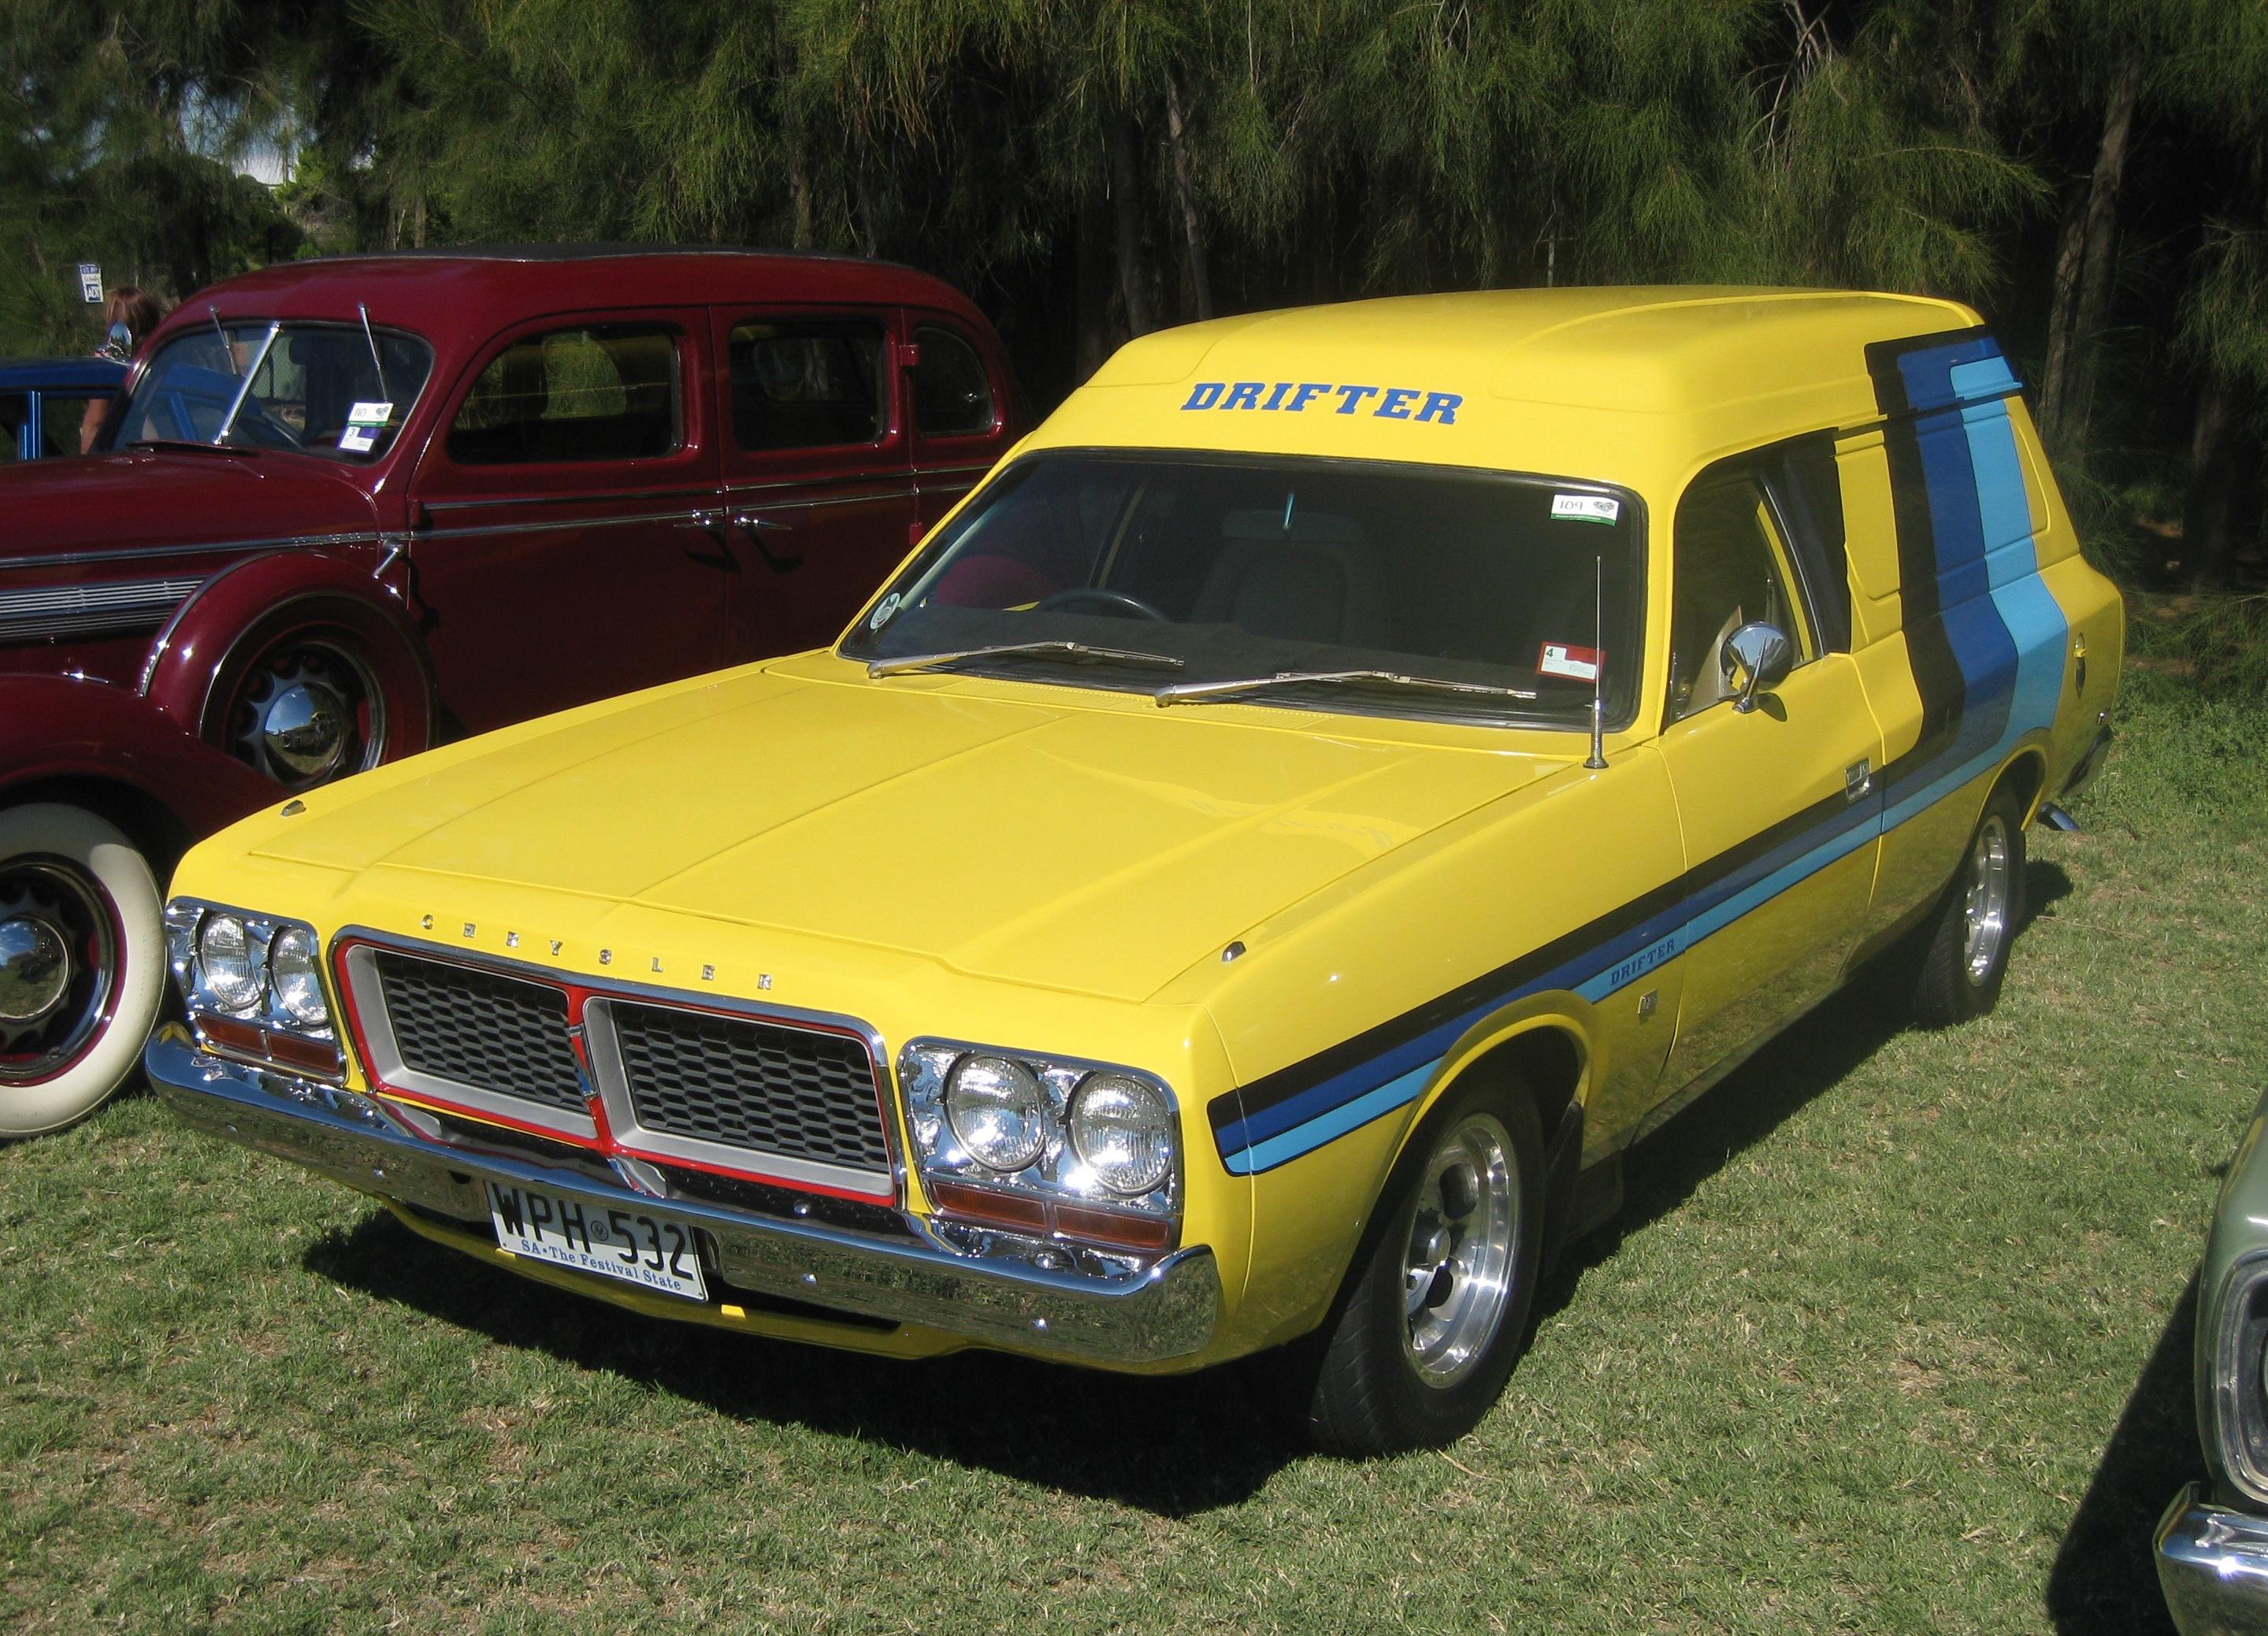 969b3bb305 Chrysler Drifter - Wikipedia